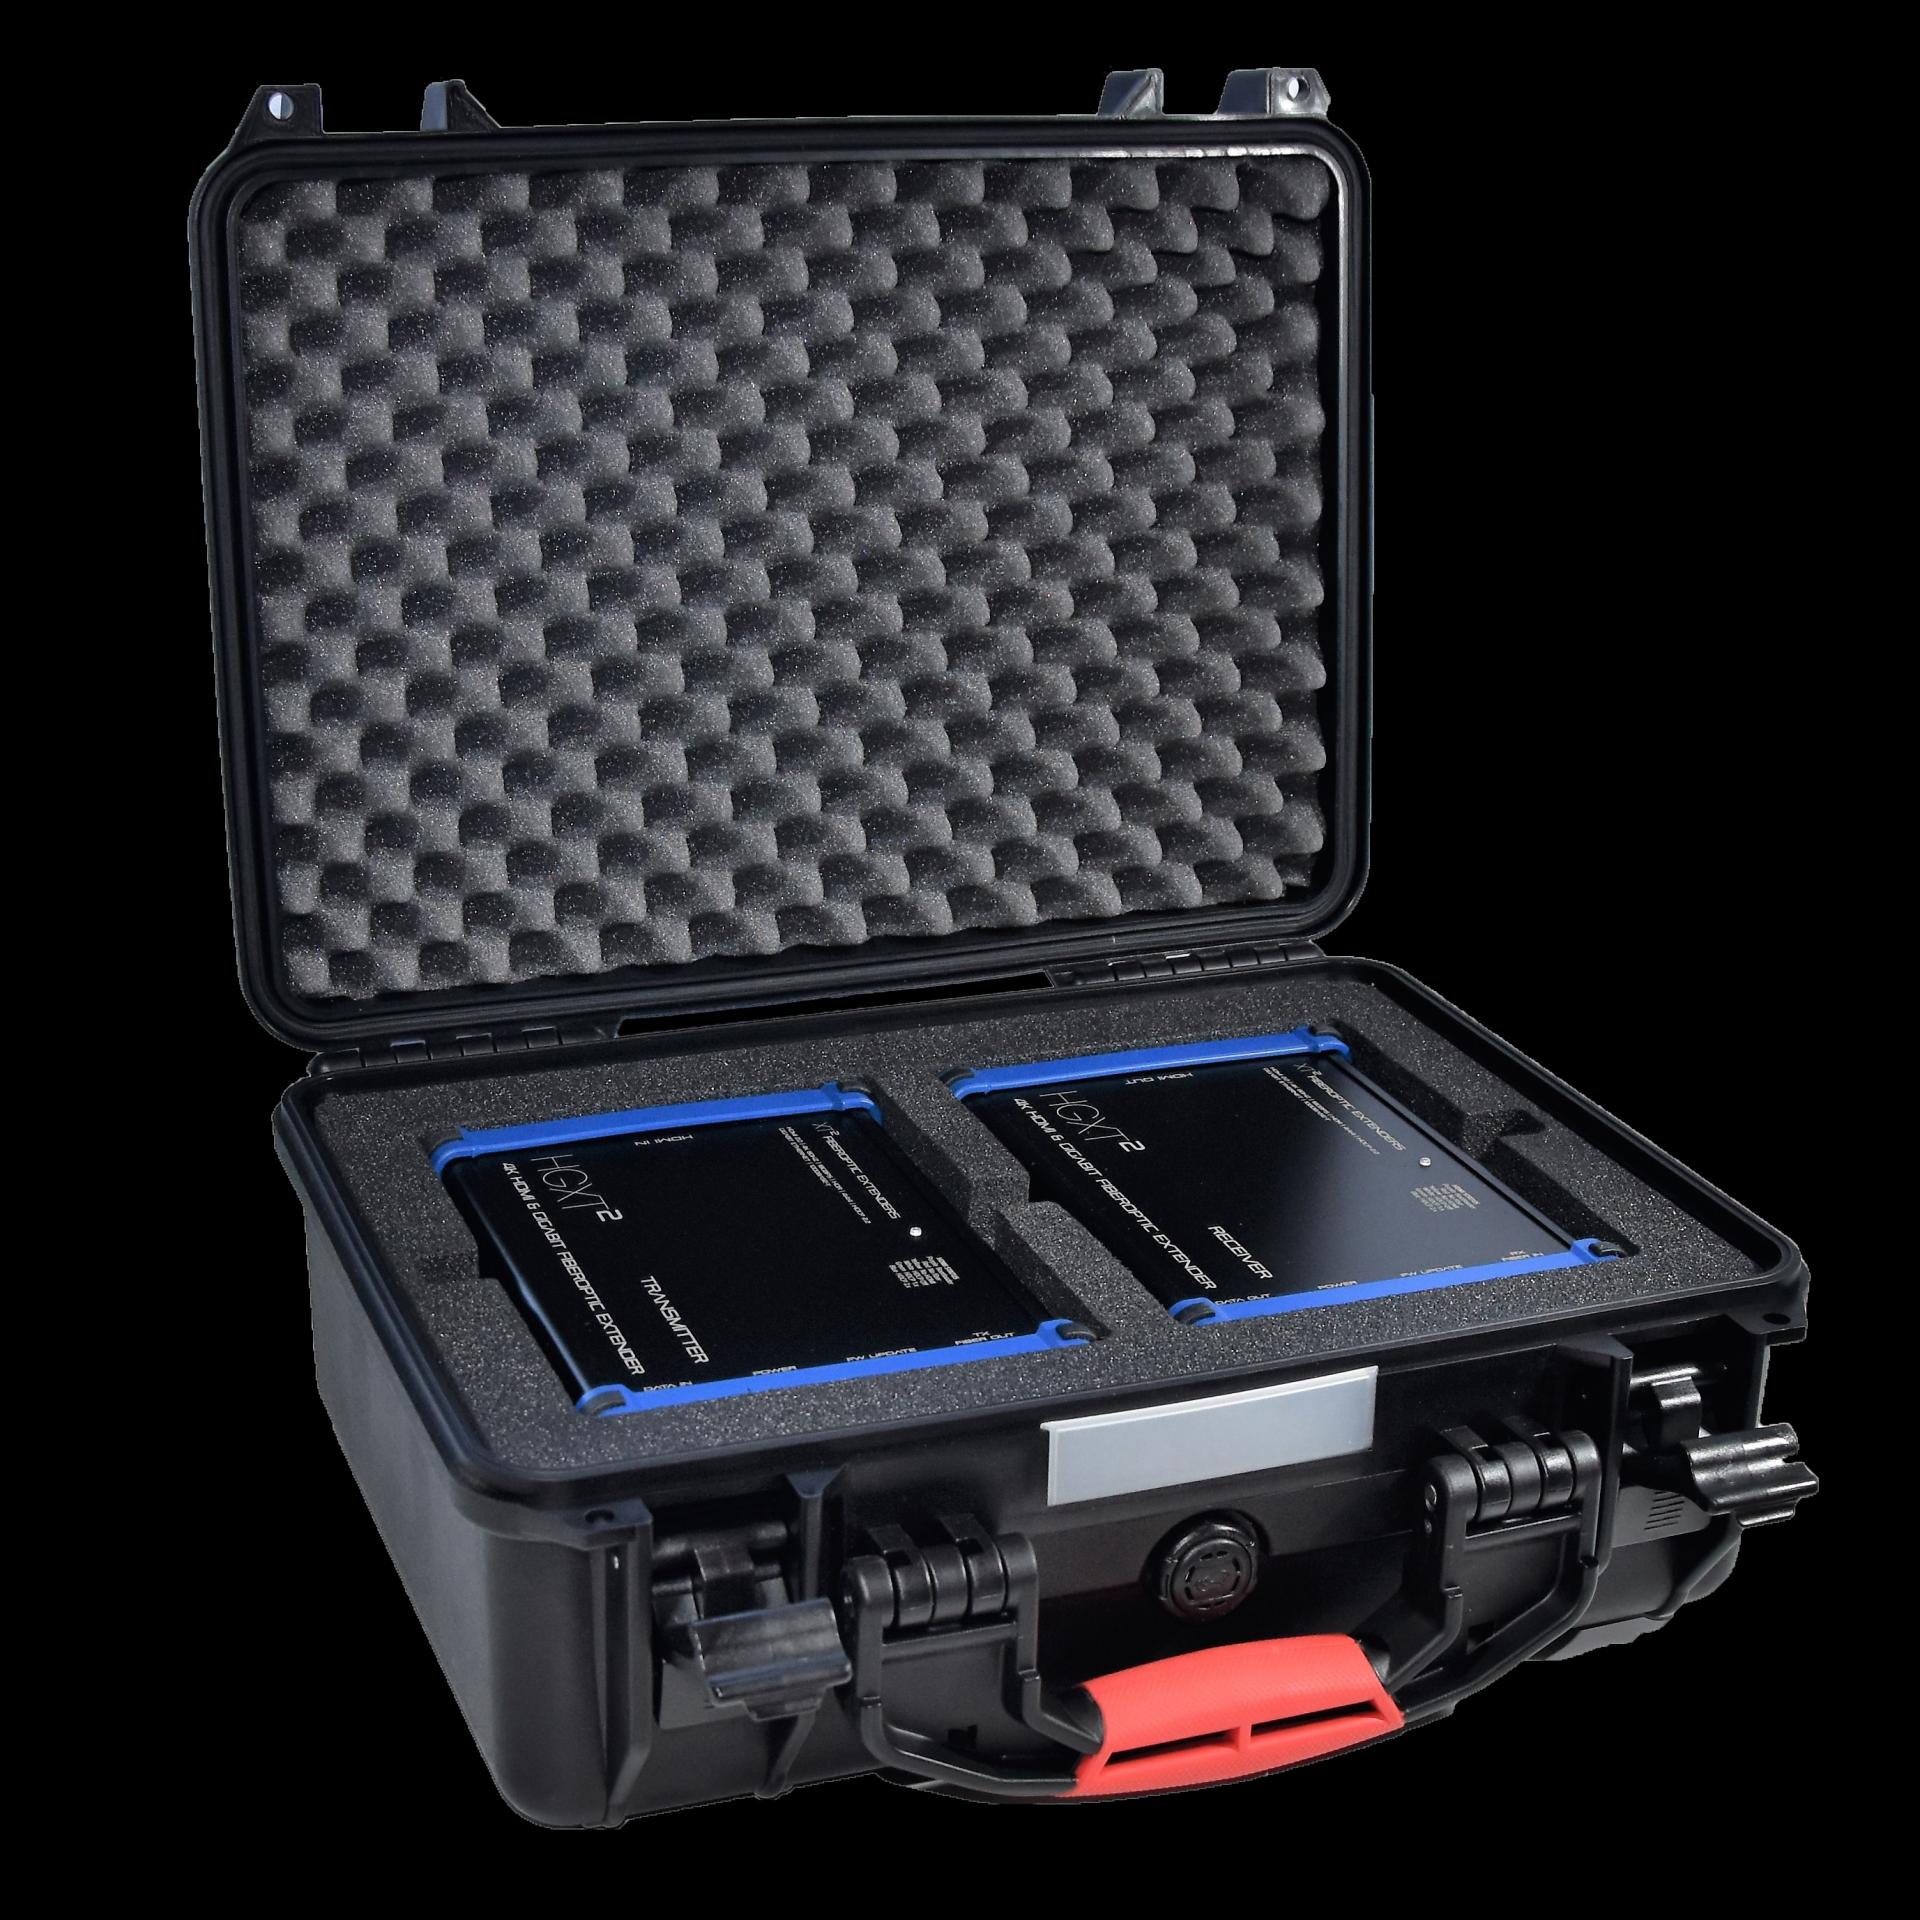 HGXT² - HDMI Ethernet fiber extender - flight case